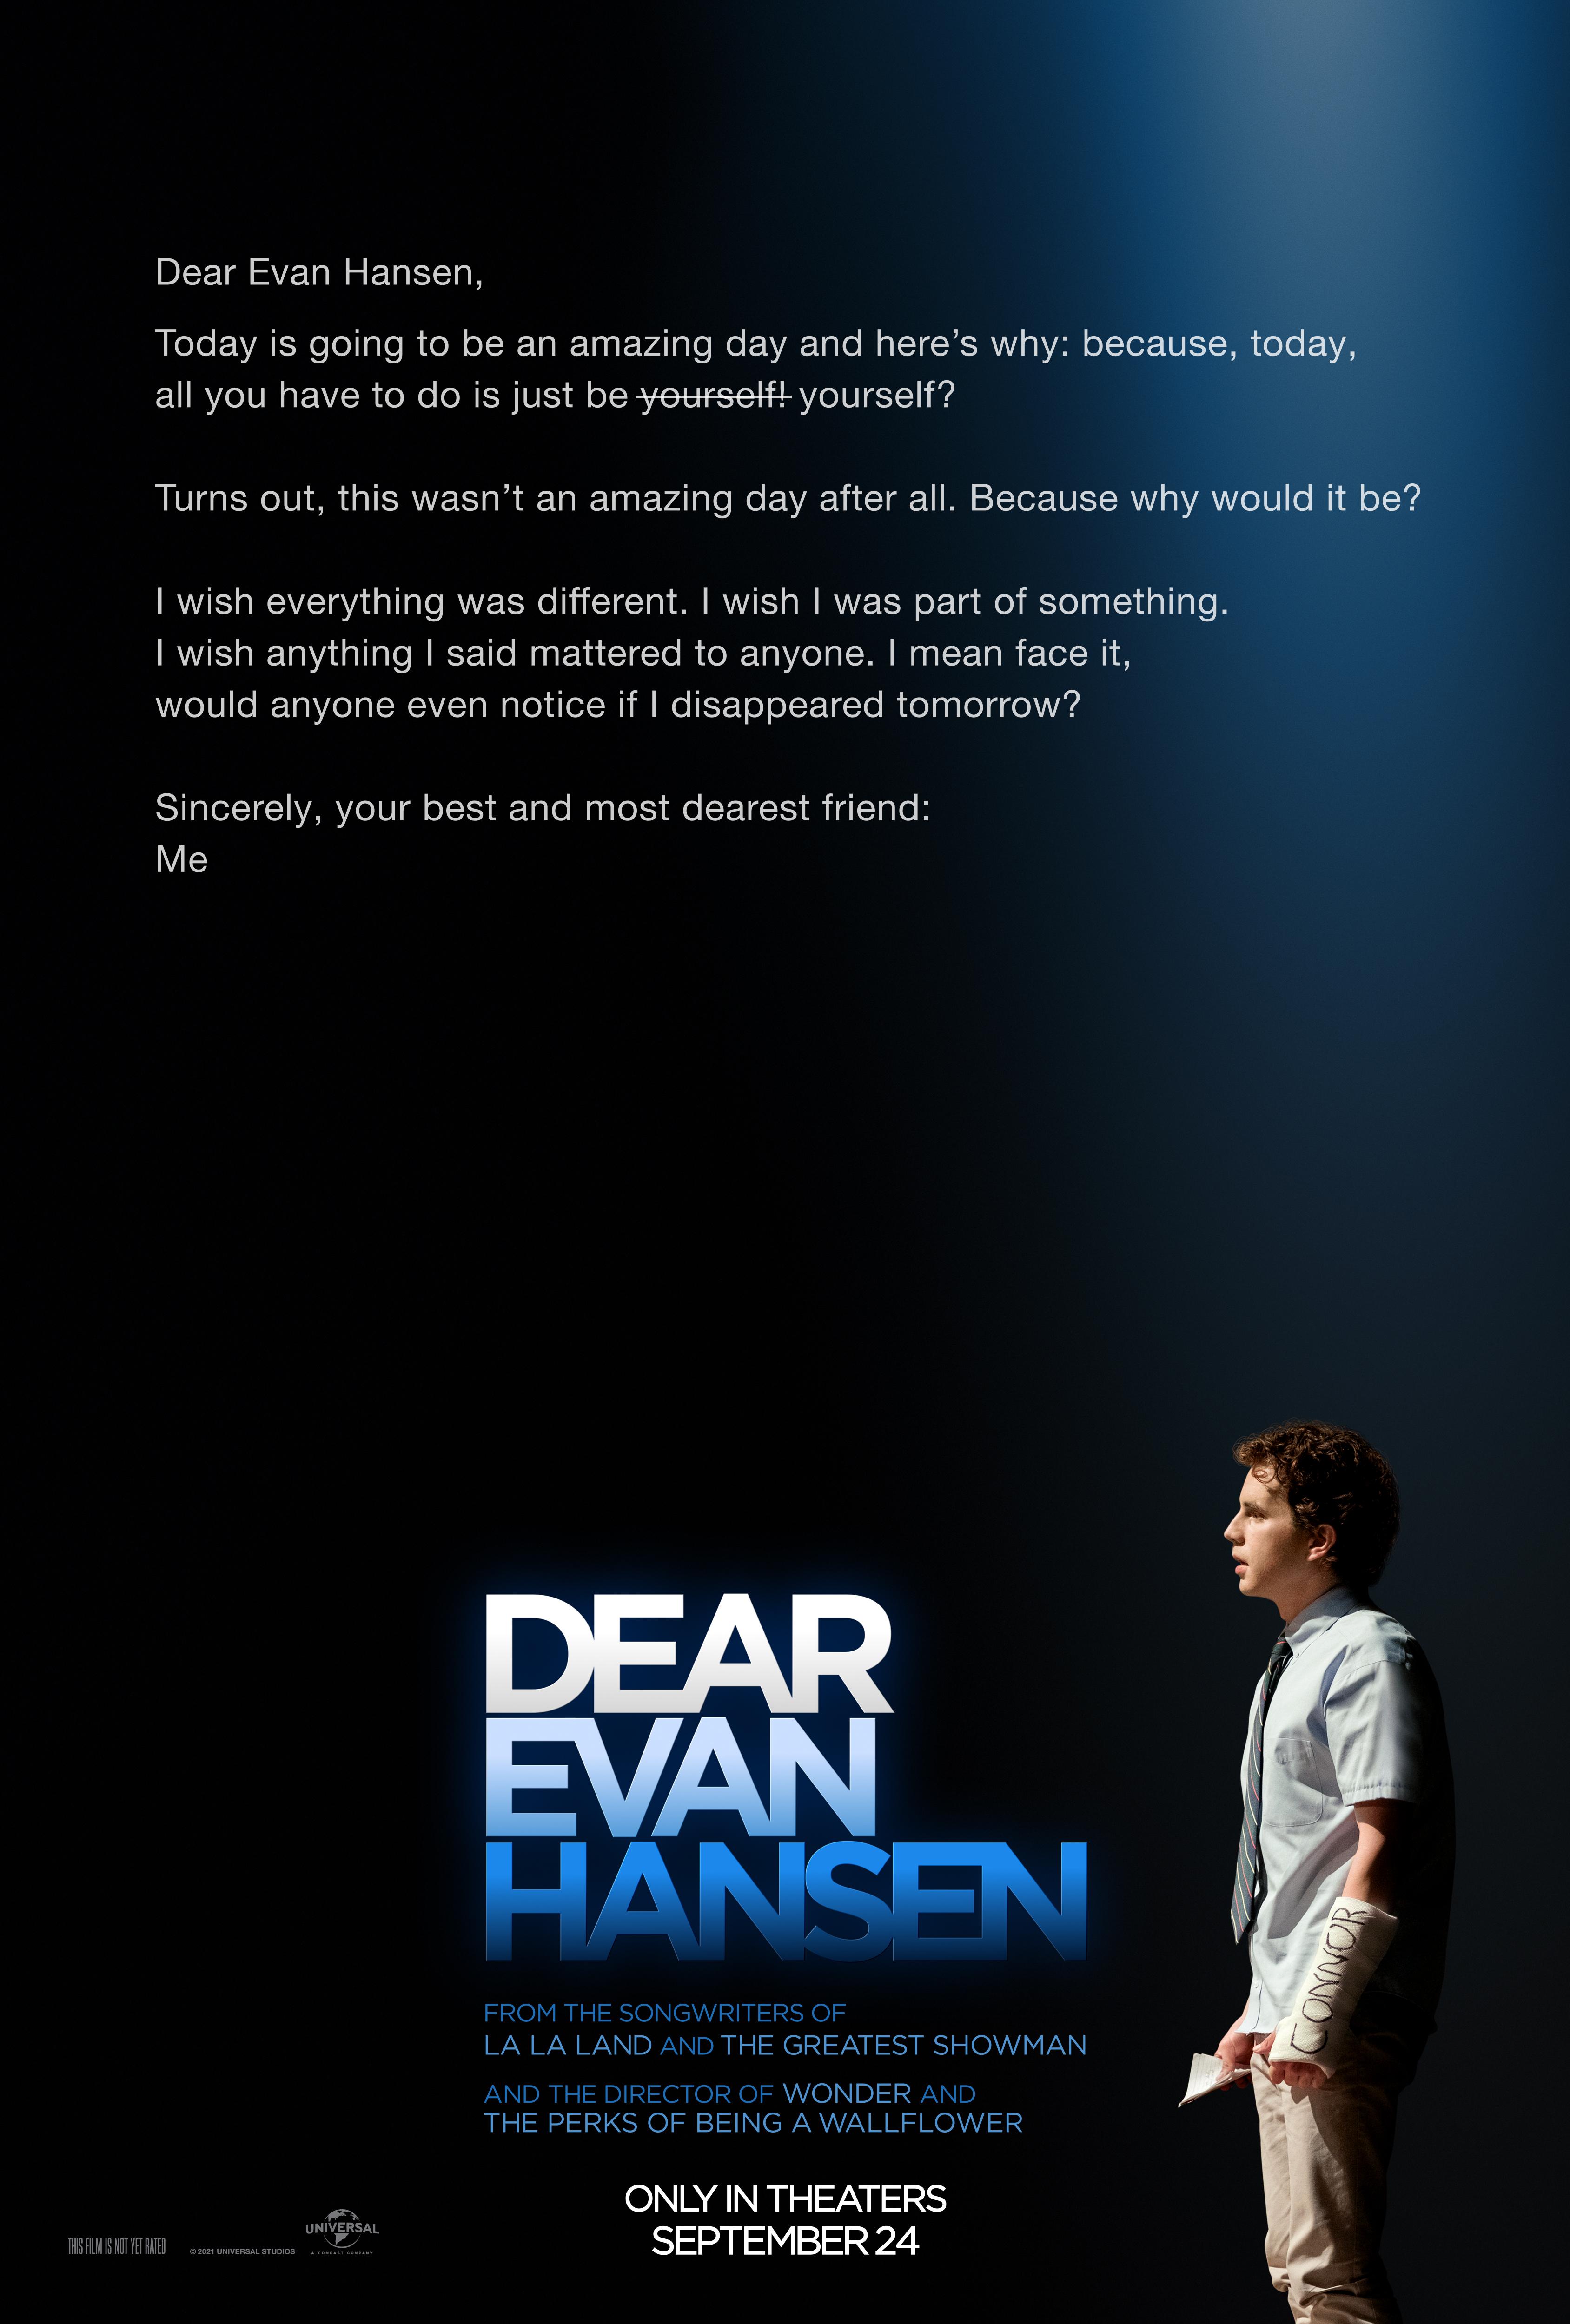 Dear Evan Hansen Main Poster